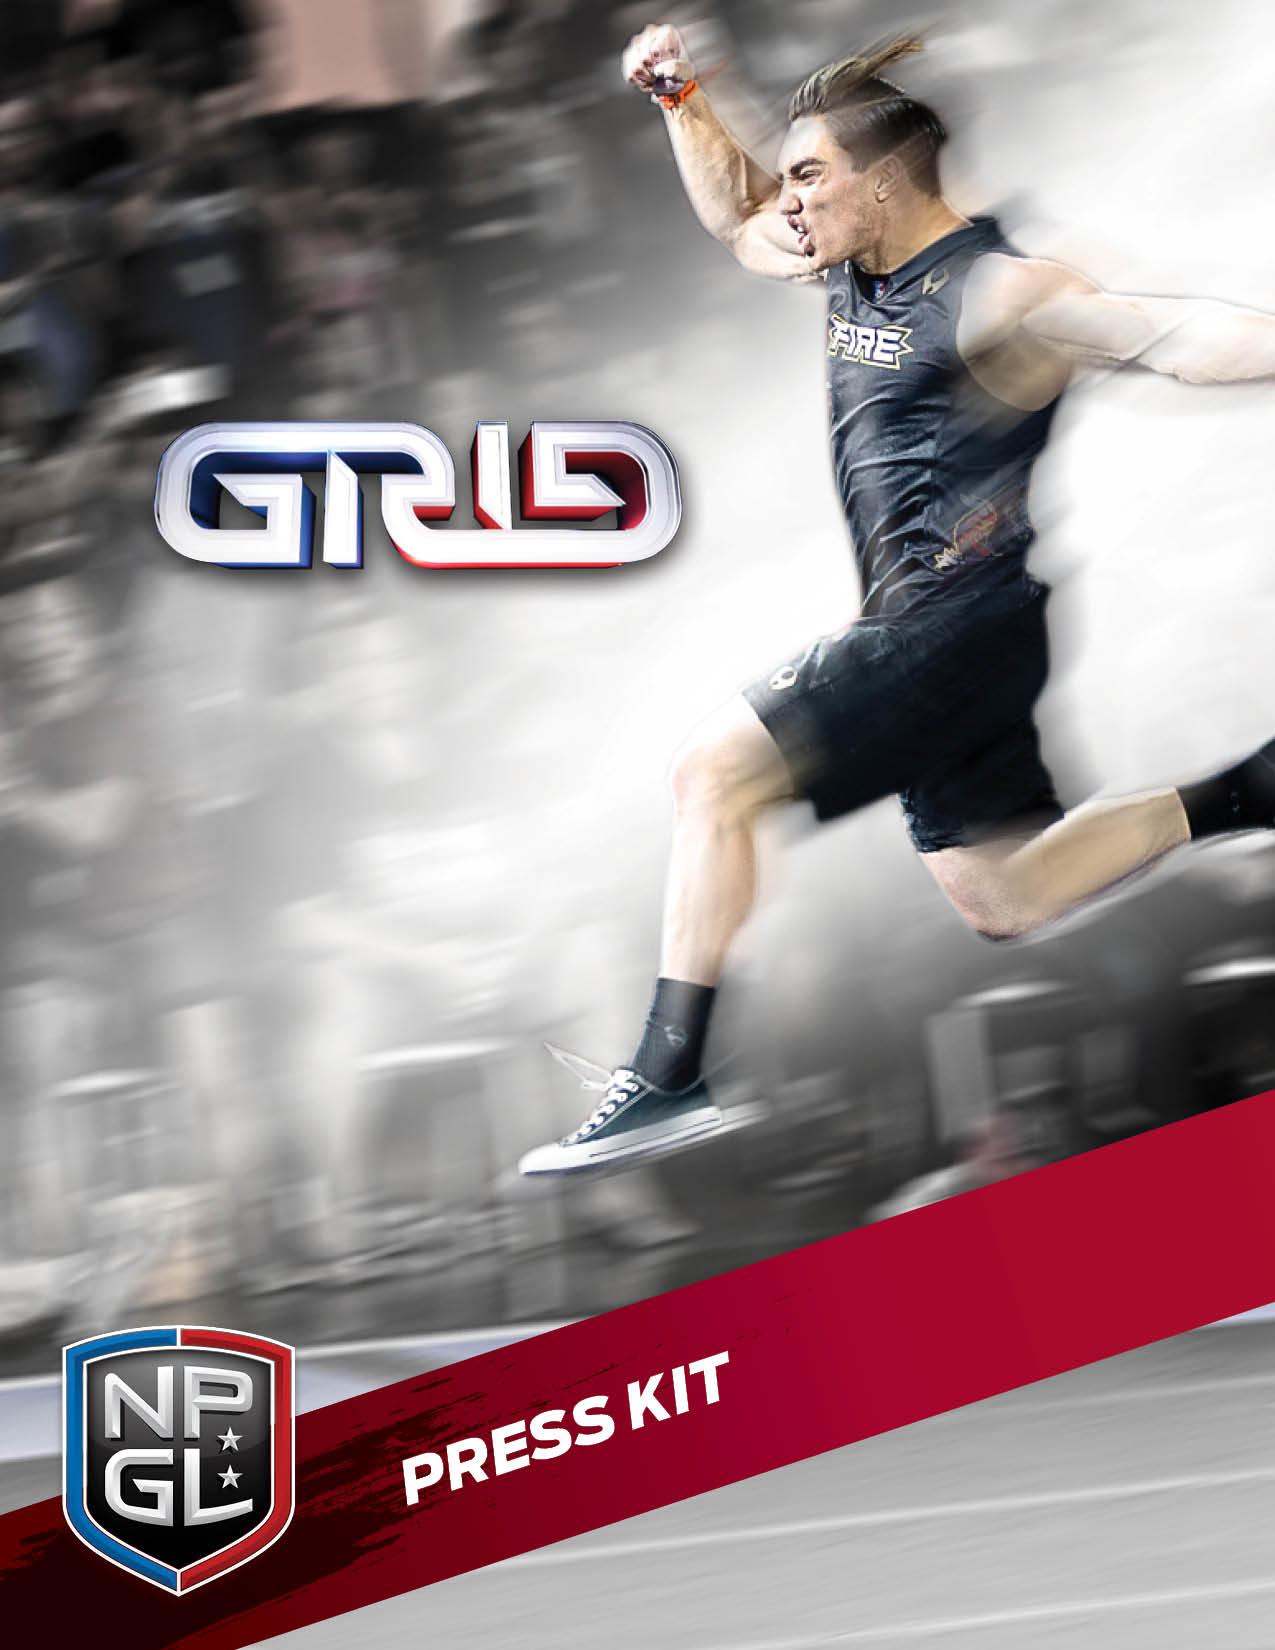 NPGL Sales Kit